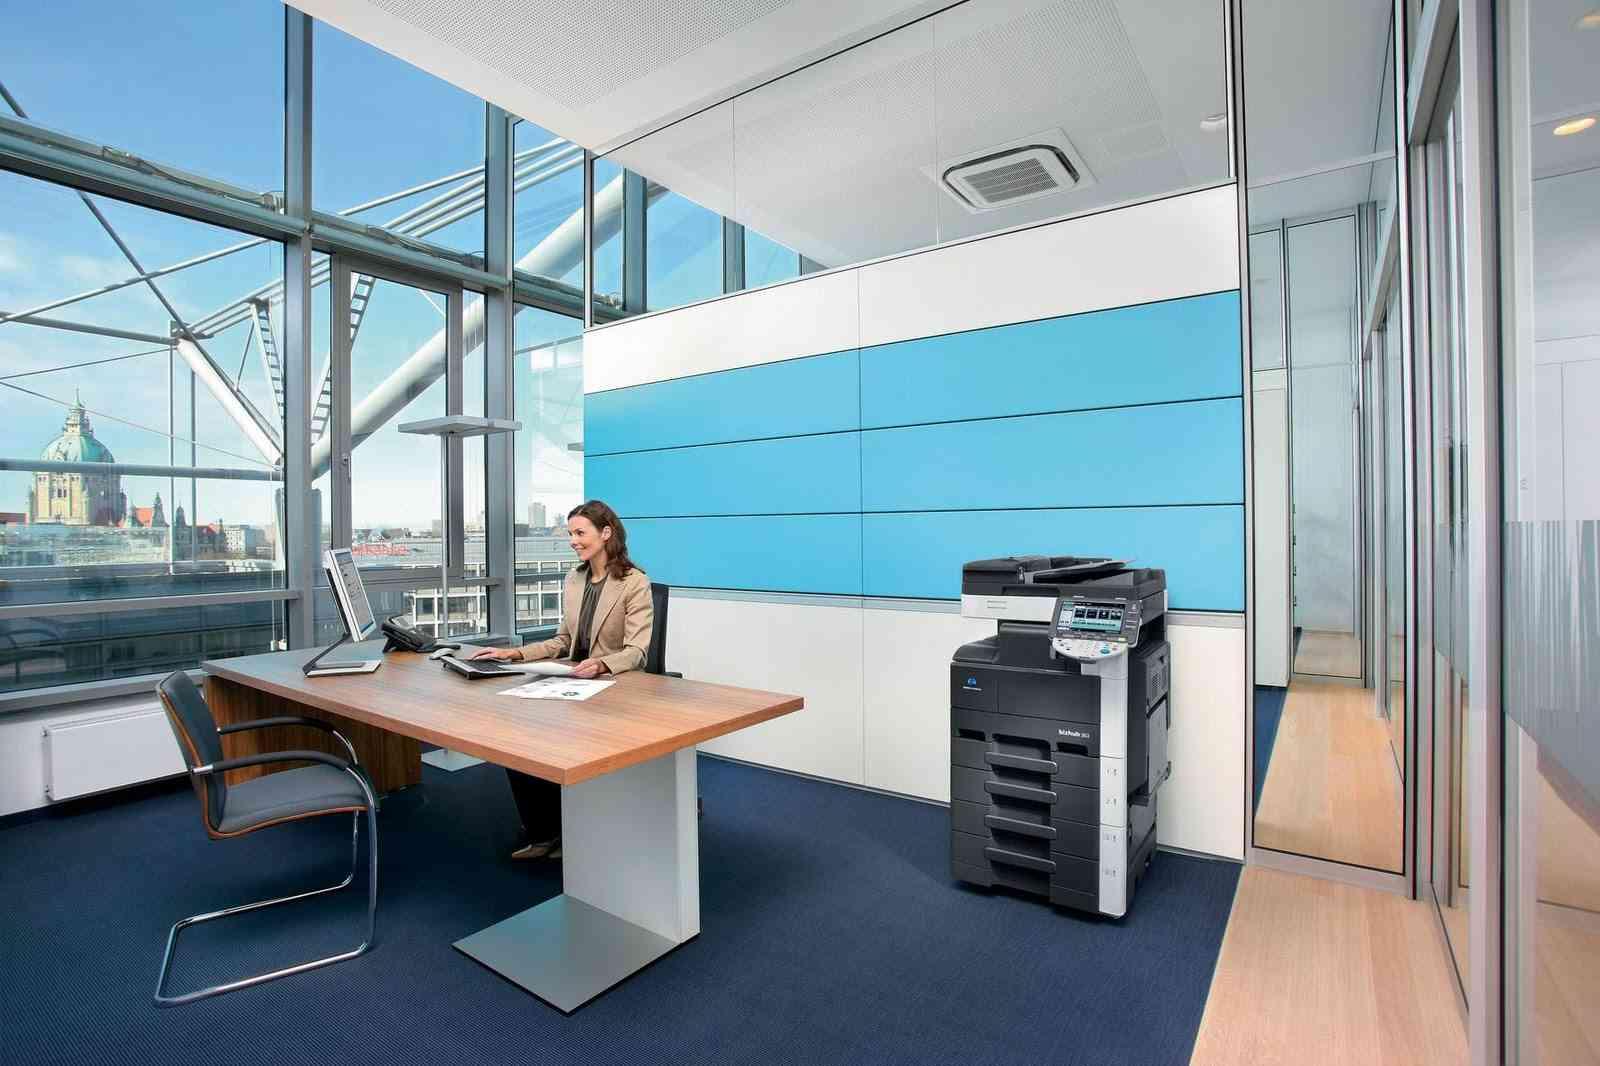 Consigue una oficina con estilo moderno for Diseno de interiores para oficinas pequenas